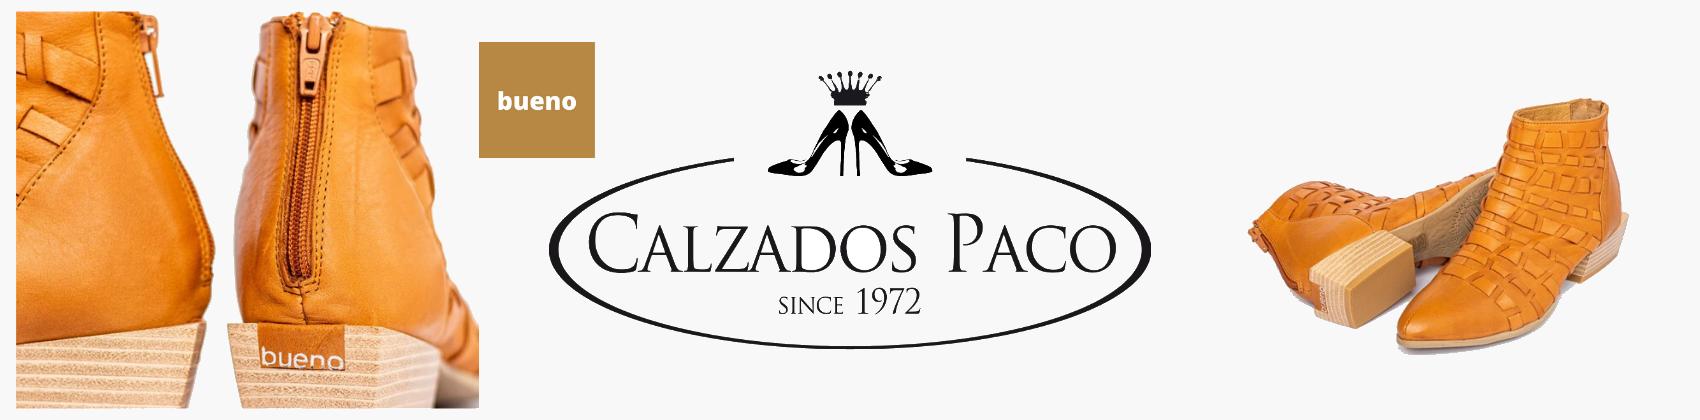 Calzados Paco y Bueno banner de la tienda y marca